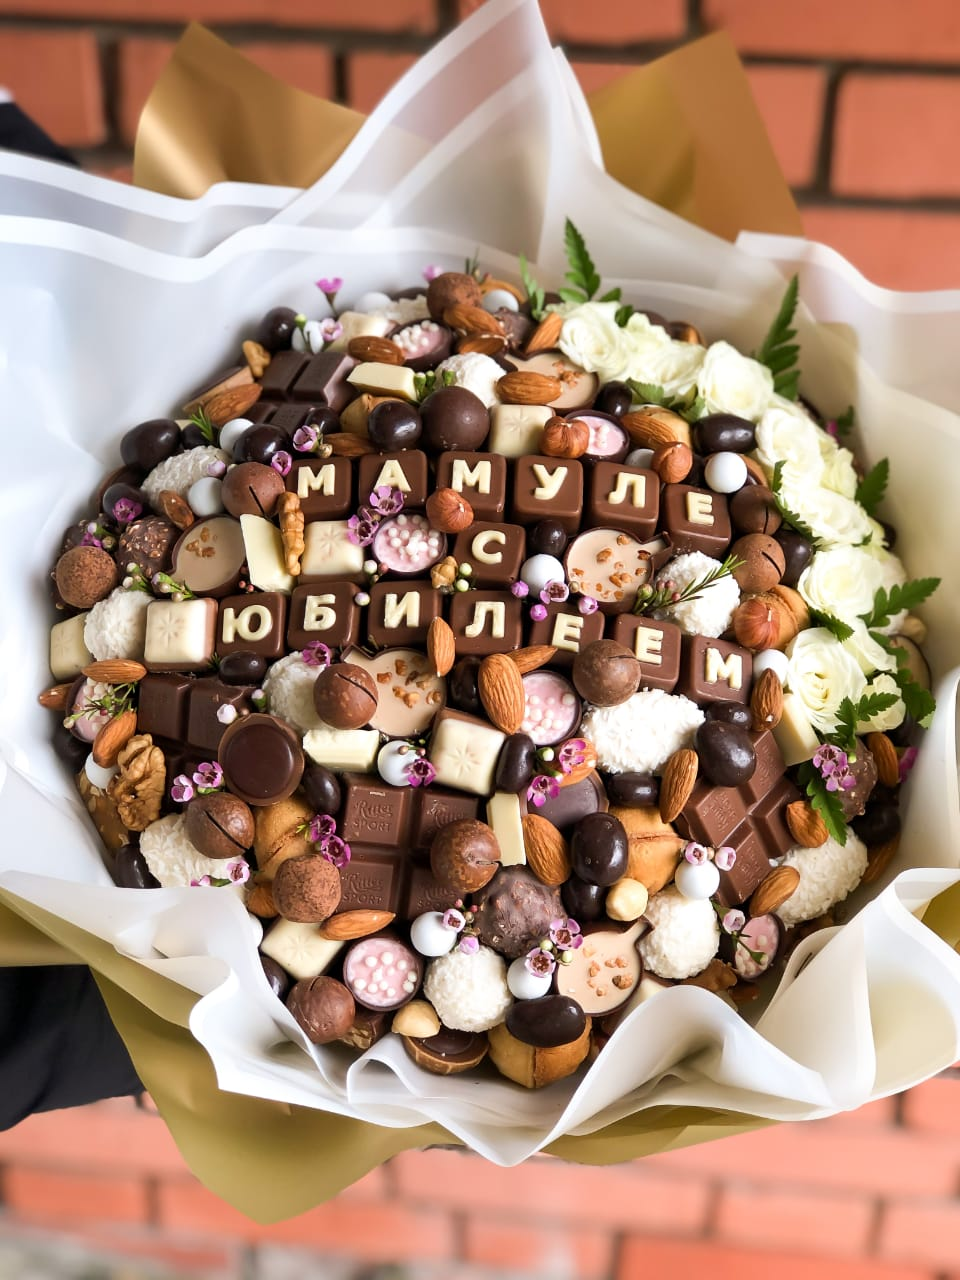 Букет с шоколадом, орехами, печеньем и шоколадными буквами